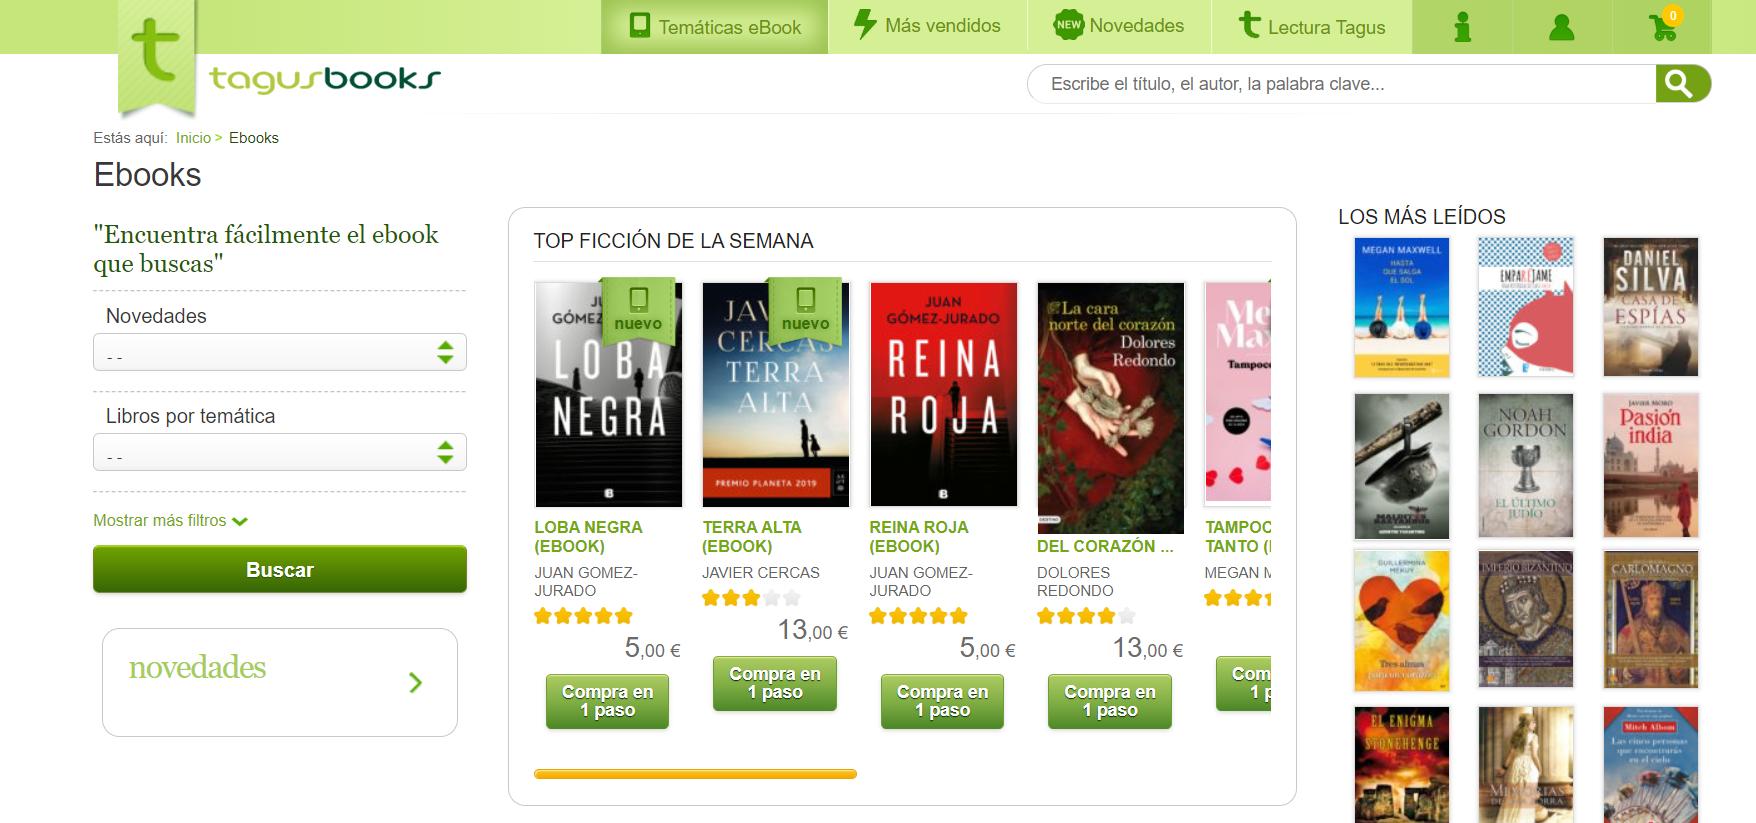 libros de texto gratis en TagusBook